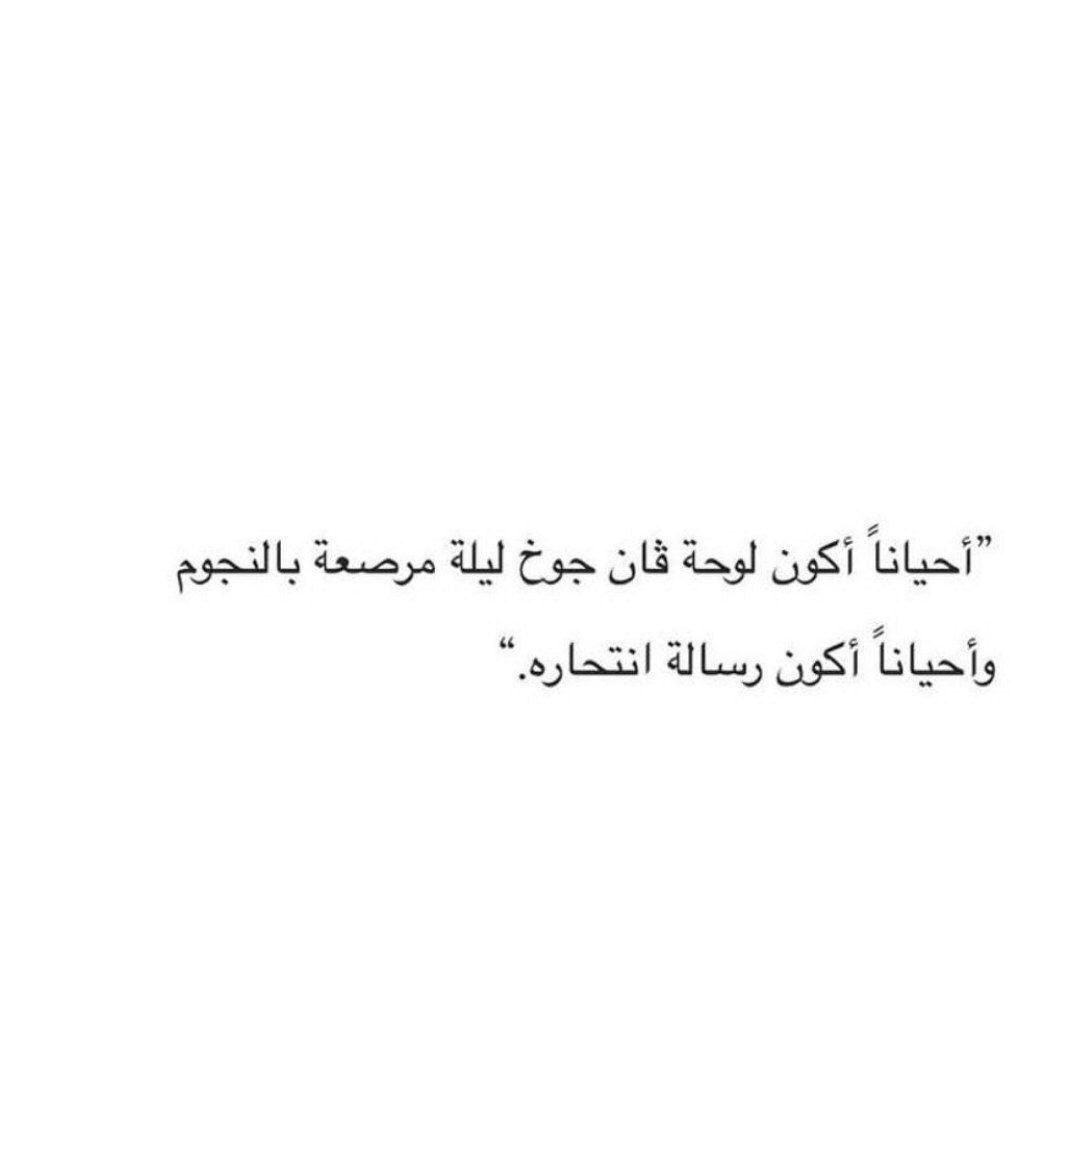 بالضبط Arabic Quotes Lyrics Arabic